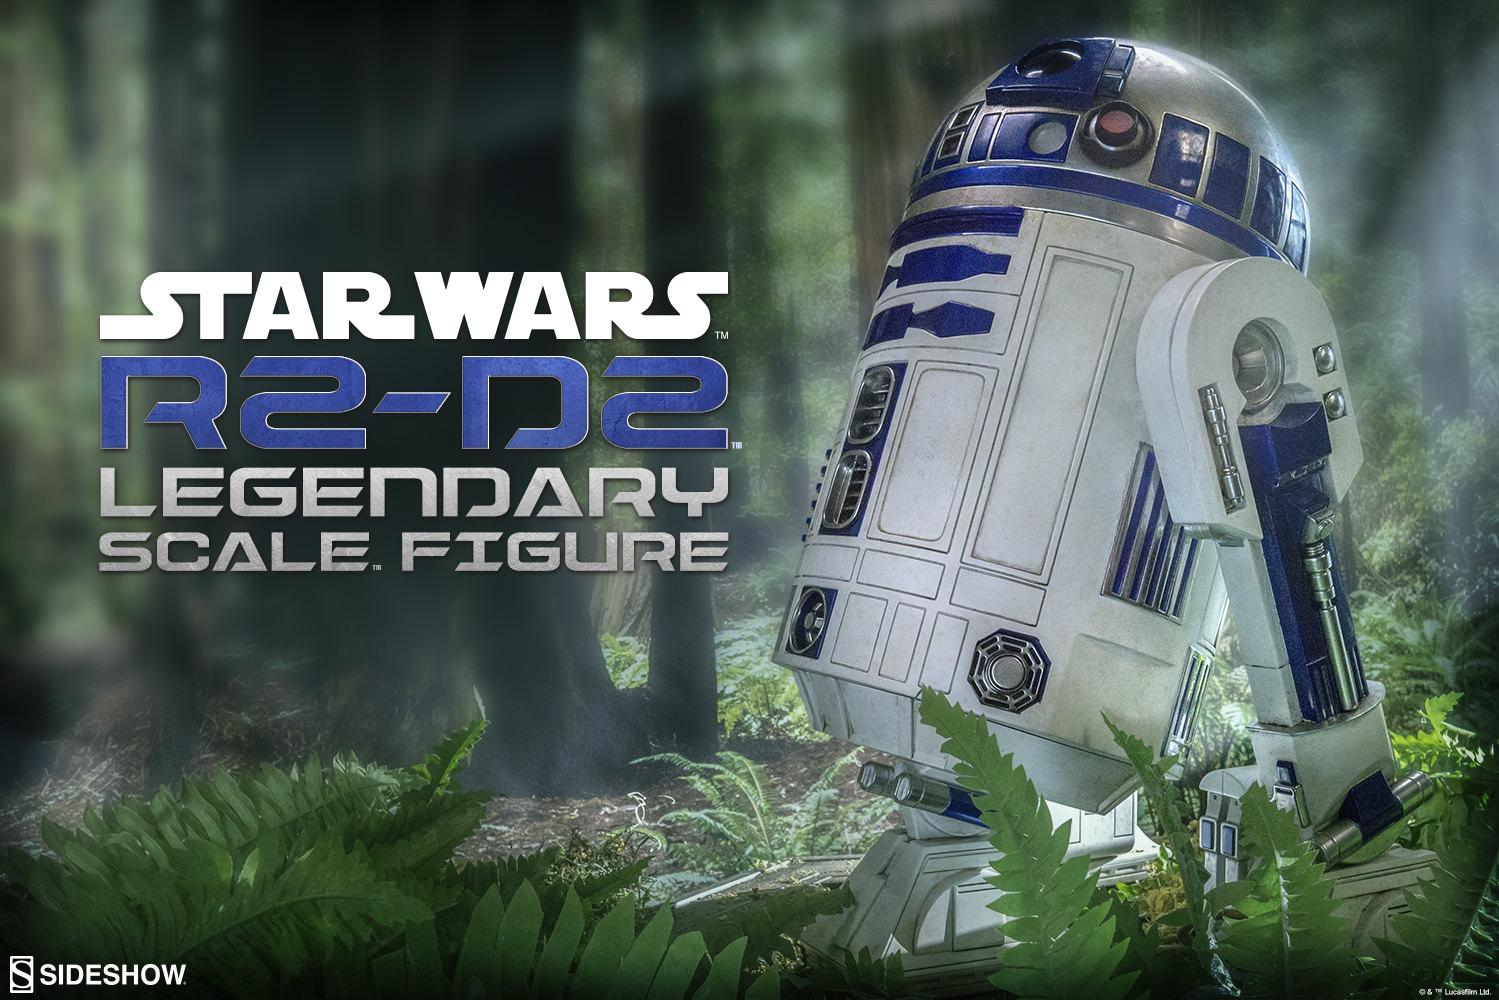 STAR WARS: R2-D2 Legendary scale figure Star-wars-r2-d2-legendary-scale-400155-11